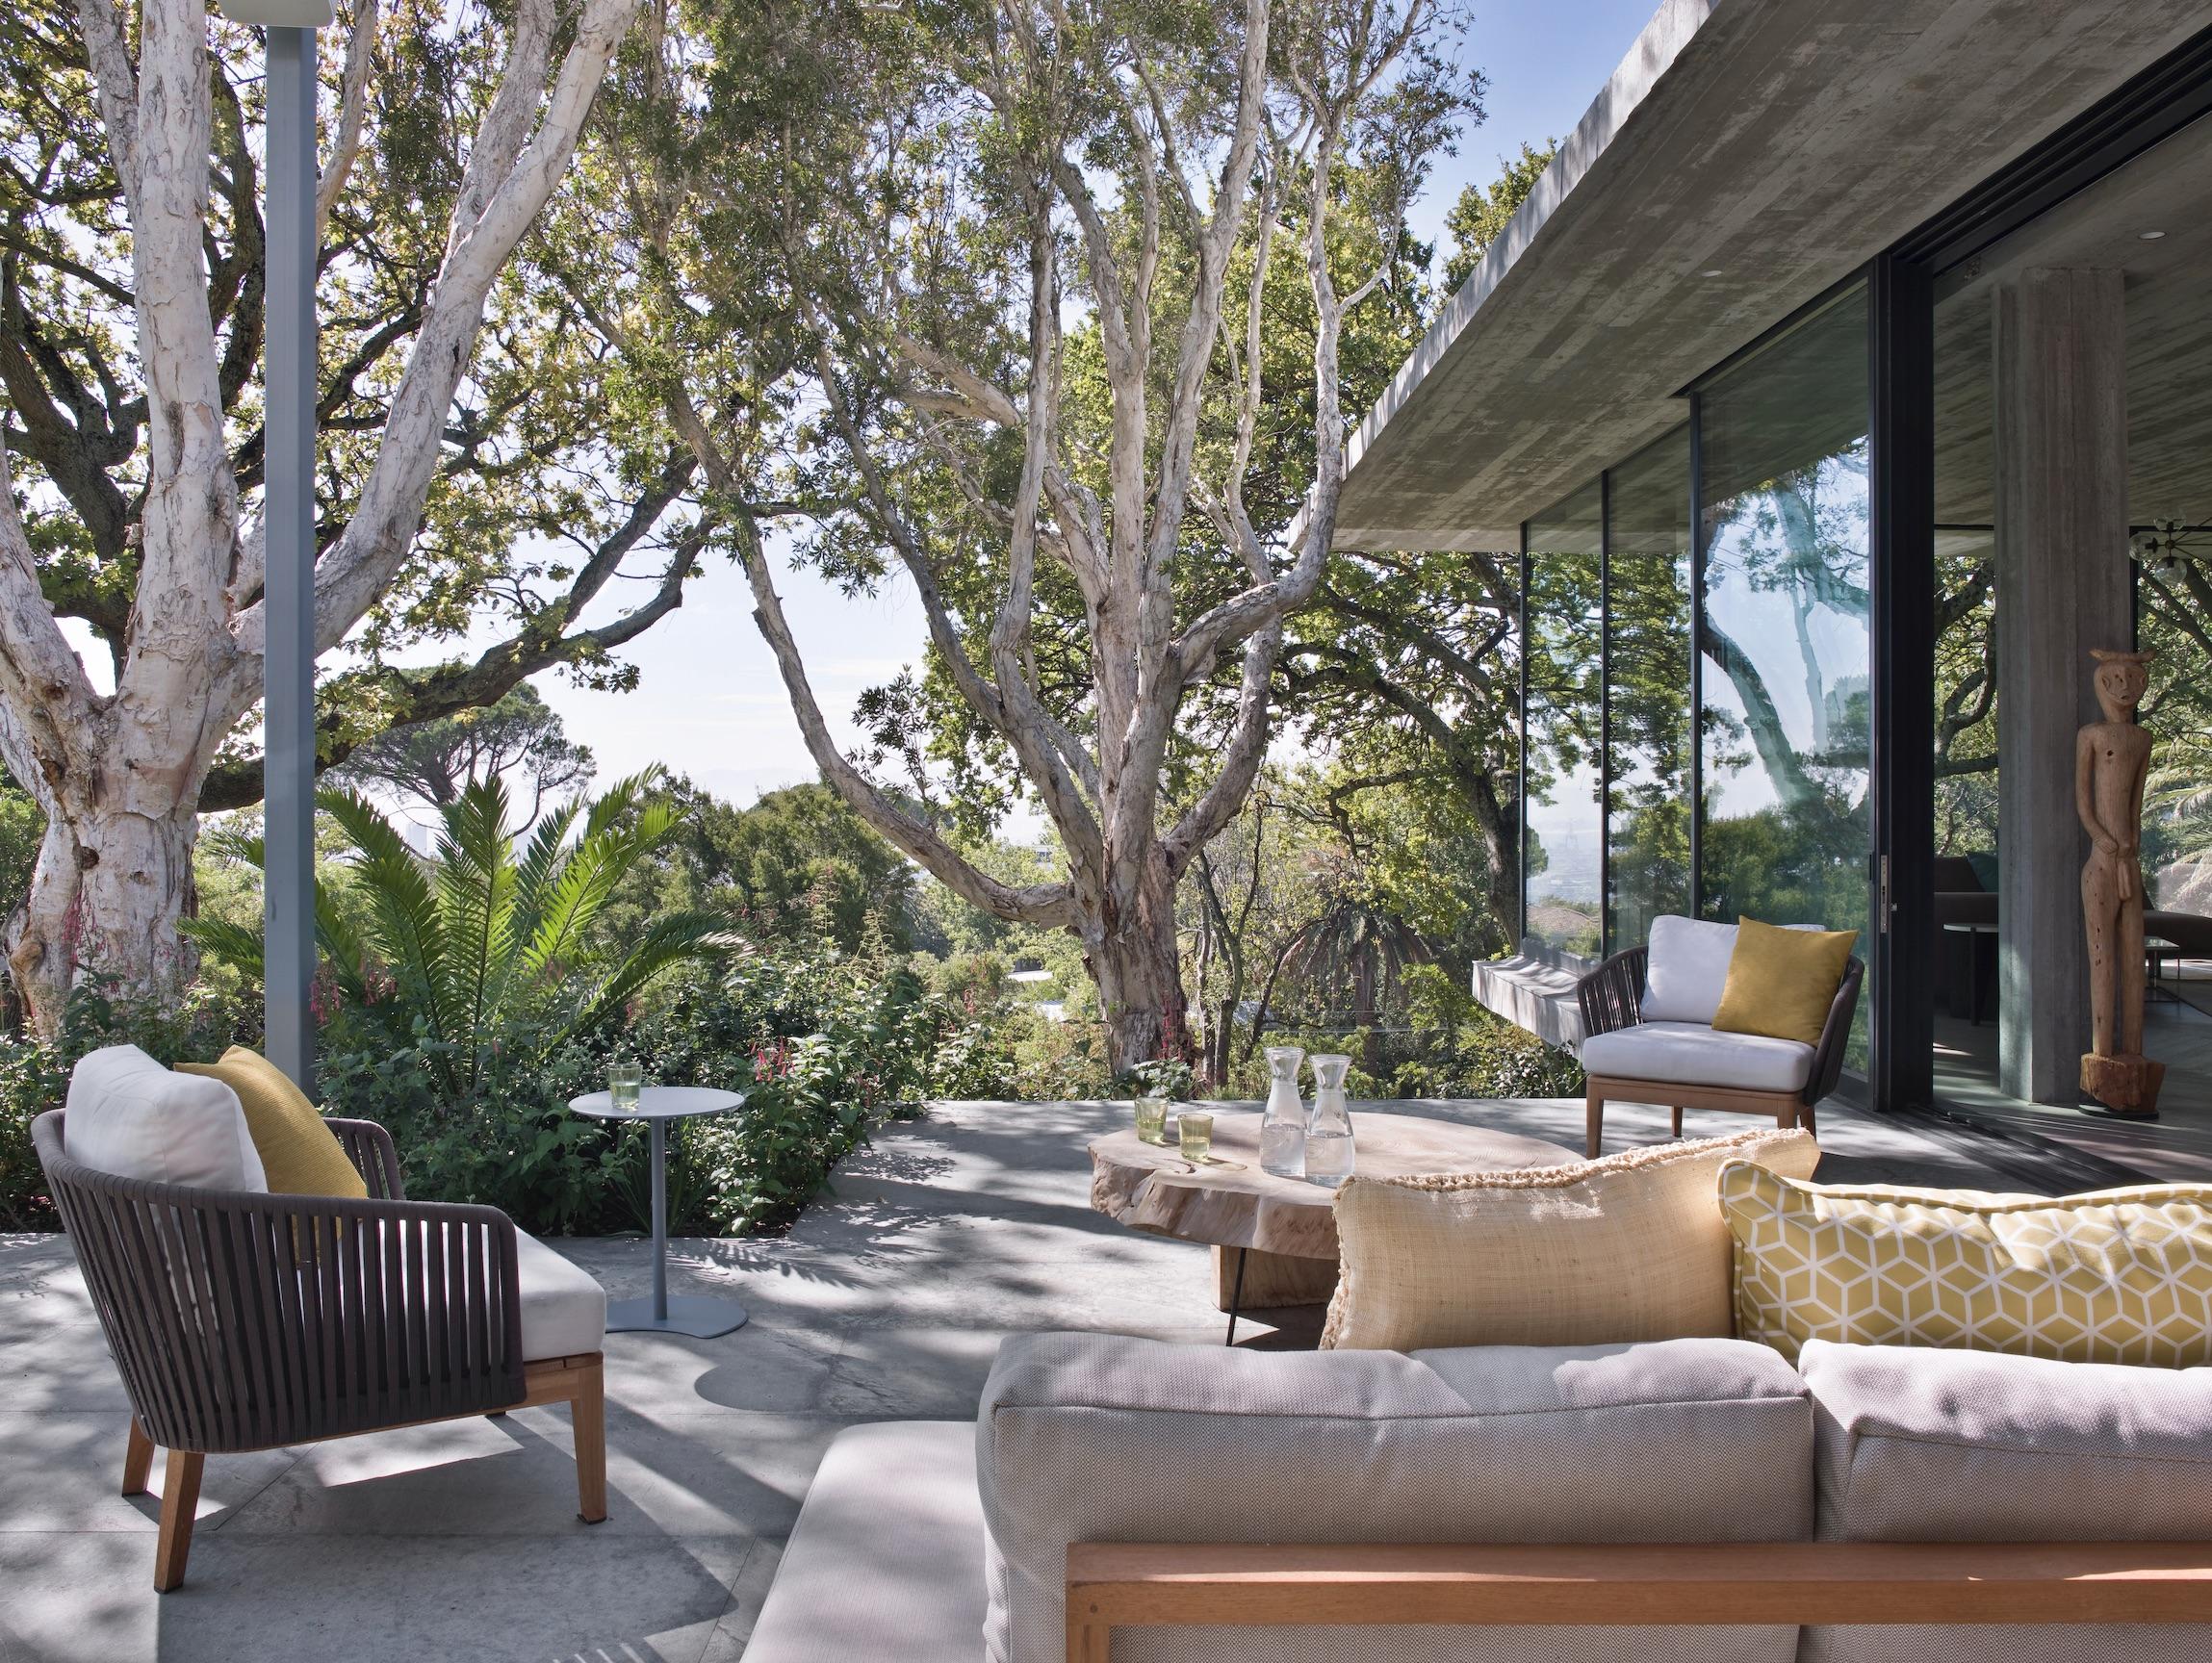 Eden Villa av OKHA och Antonio Zaninovic Architects. Här hittar du inspiration för din heminredning.